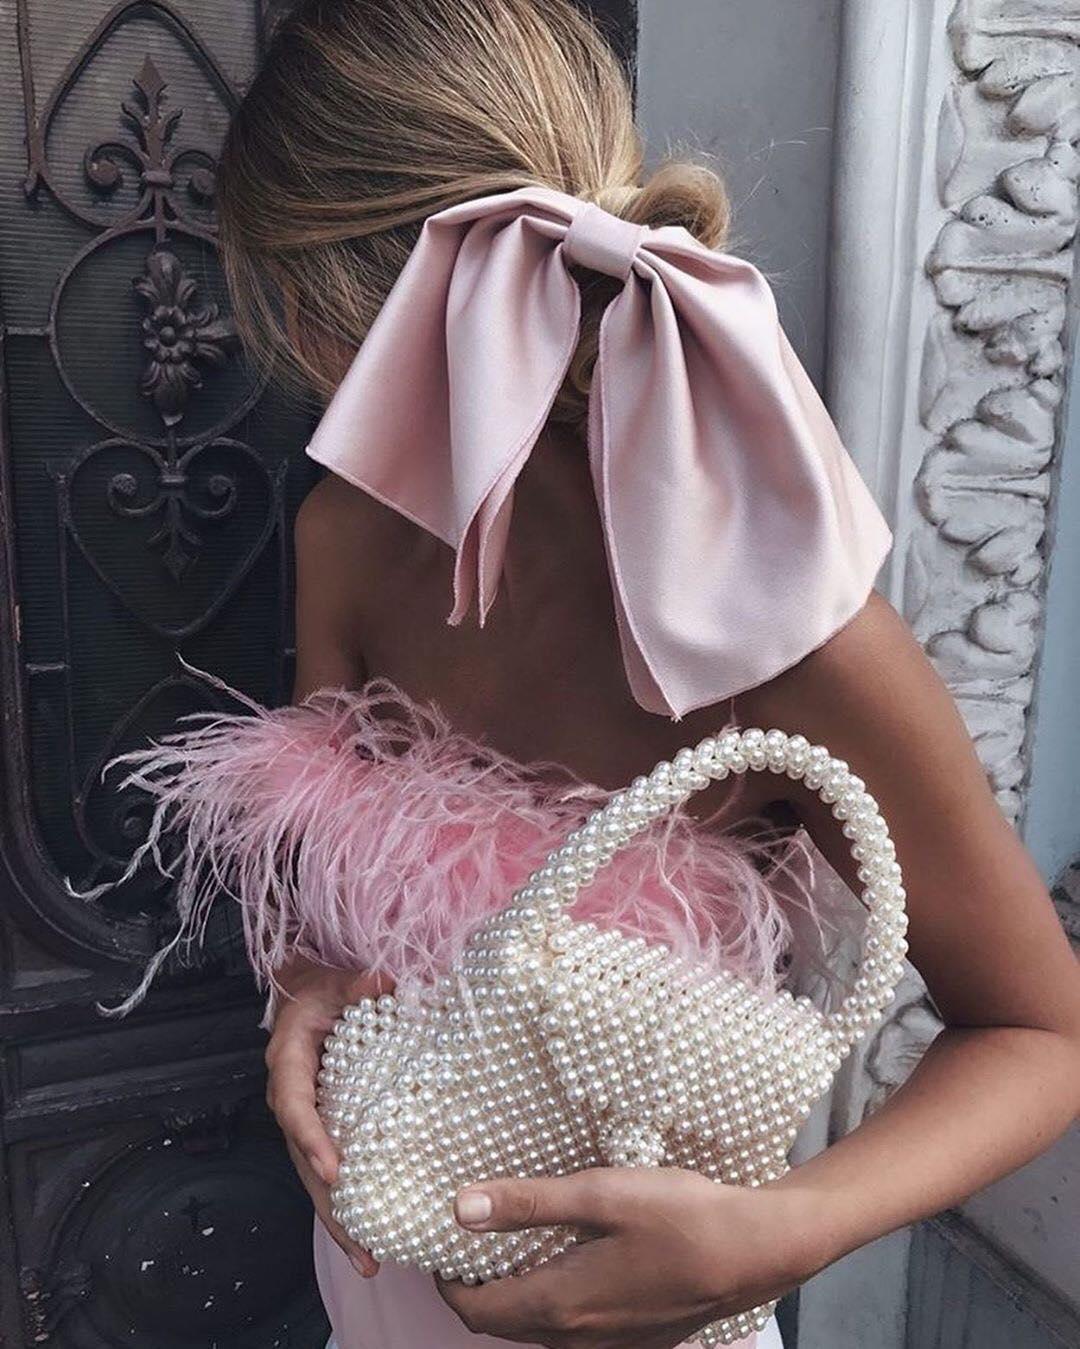 Защо всички полудяха по чантите с перли?